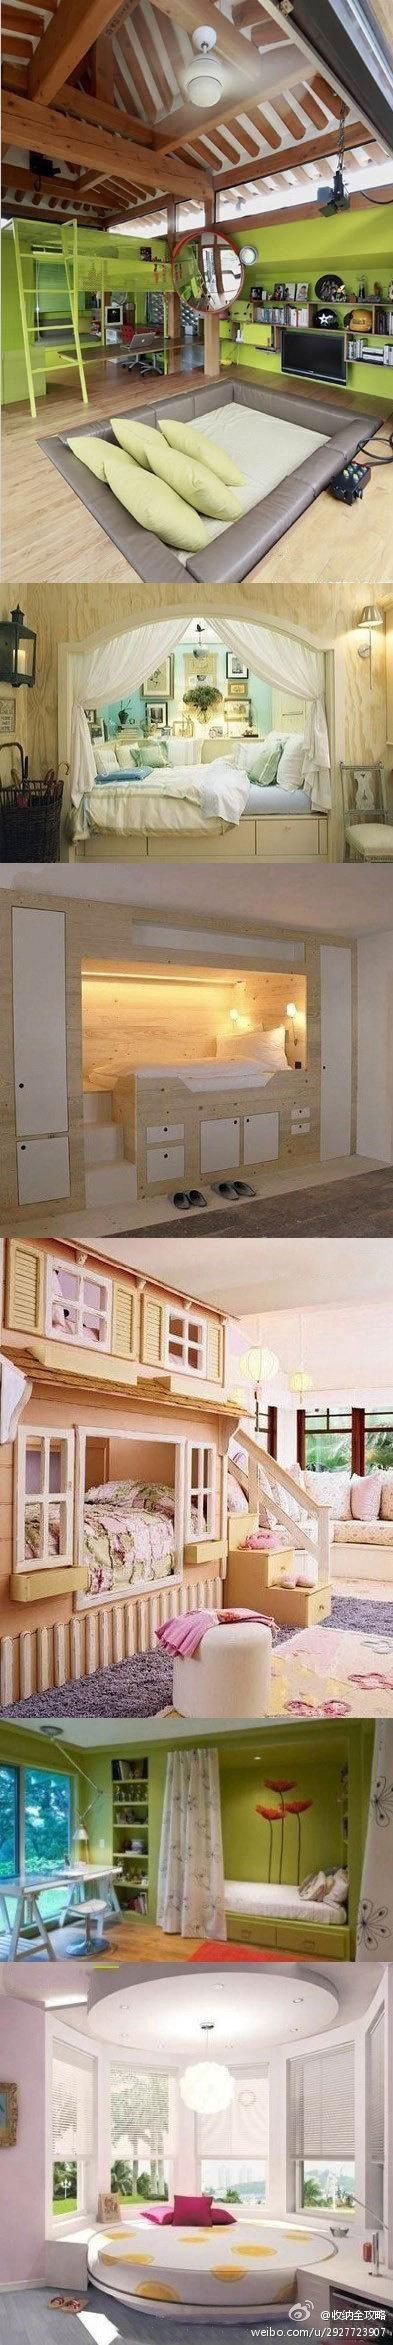 卧室 现代图片来自用户2772856065在诗意的栖居的分享